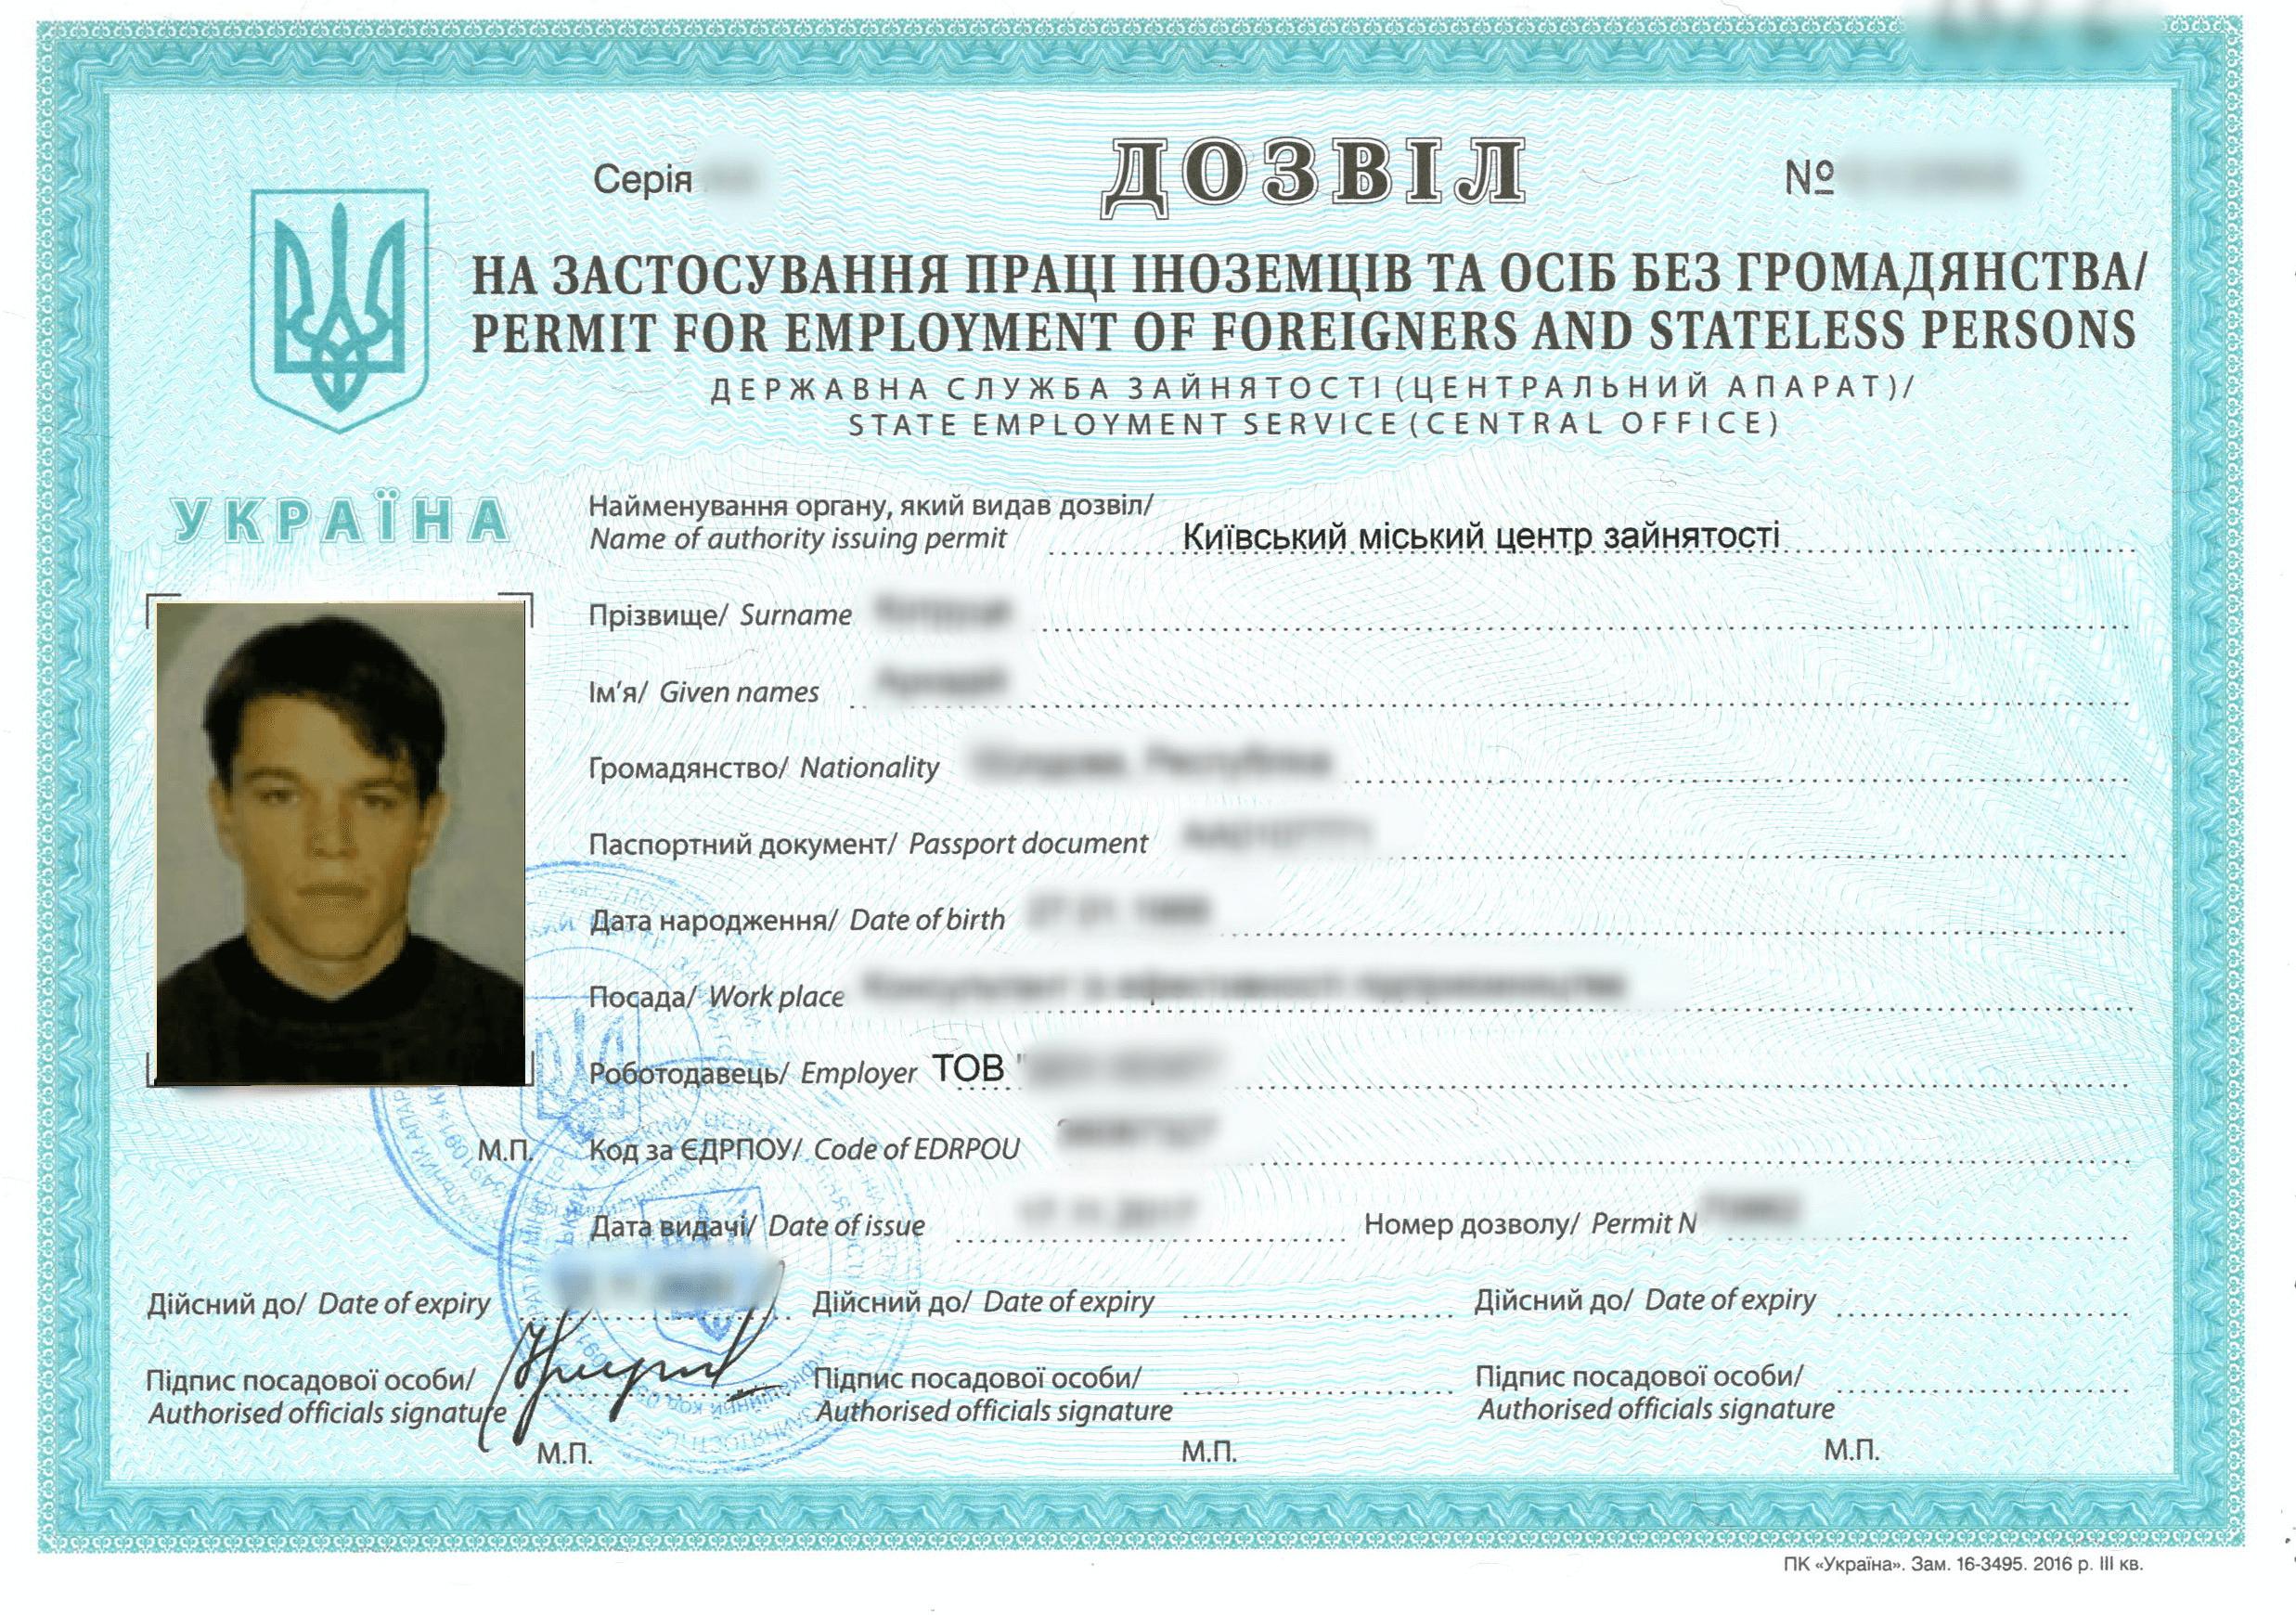 Разрешение на использование труда иностранцев и лиц без гражданства